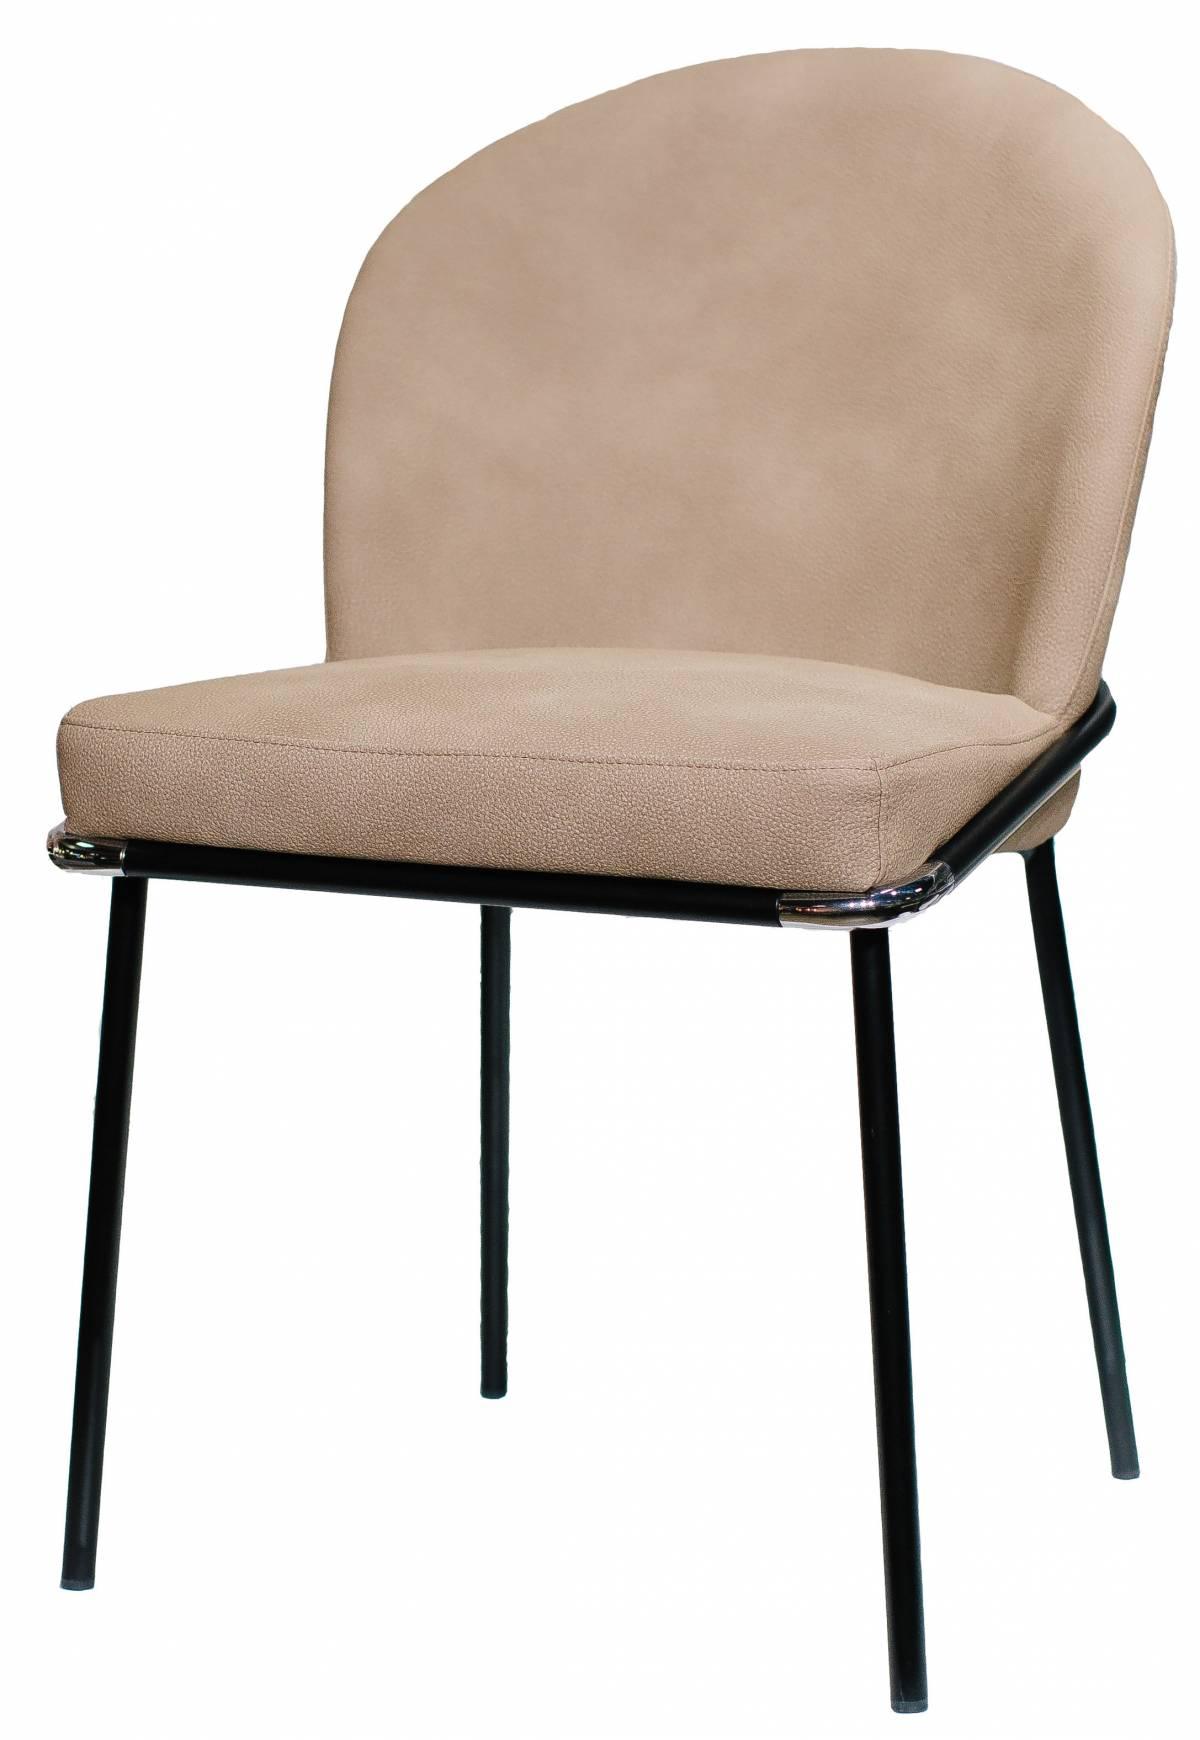 Металлический стул Foxtrot в Raroom